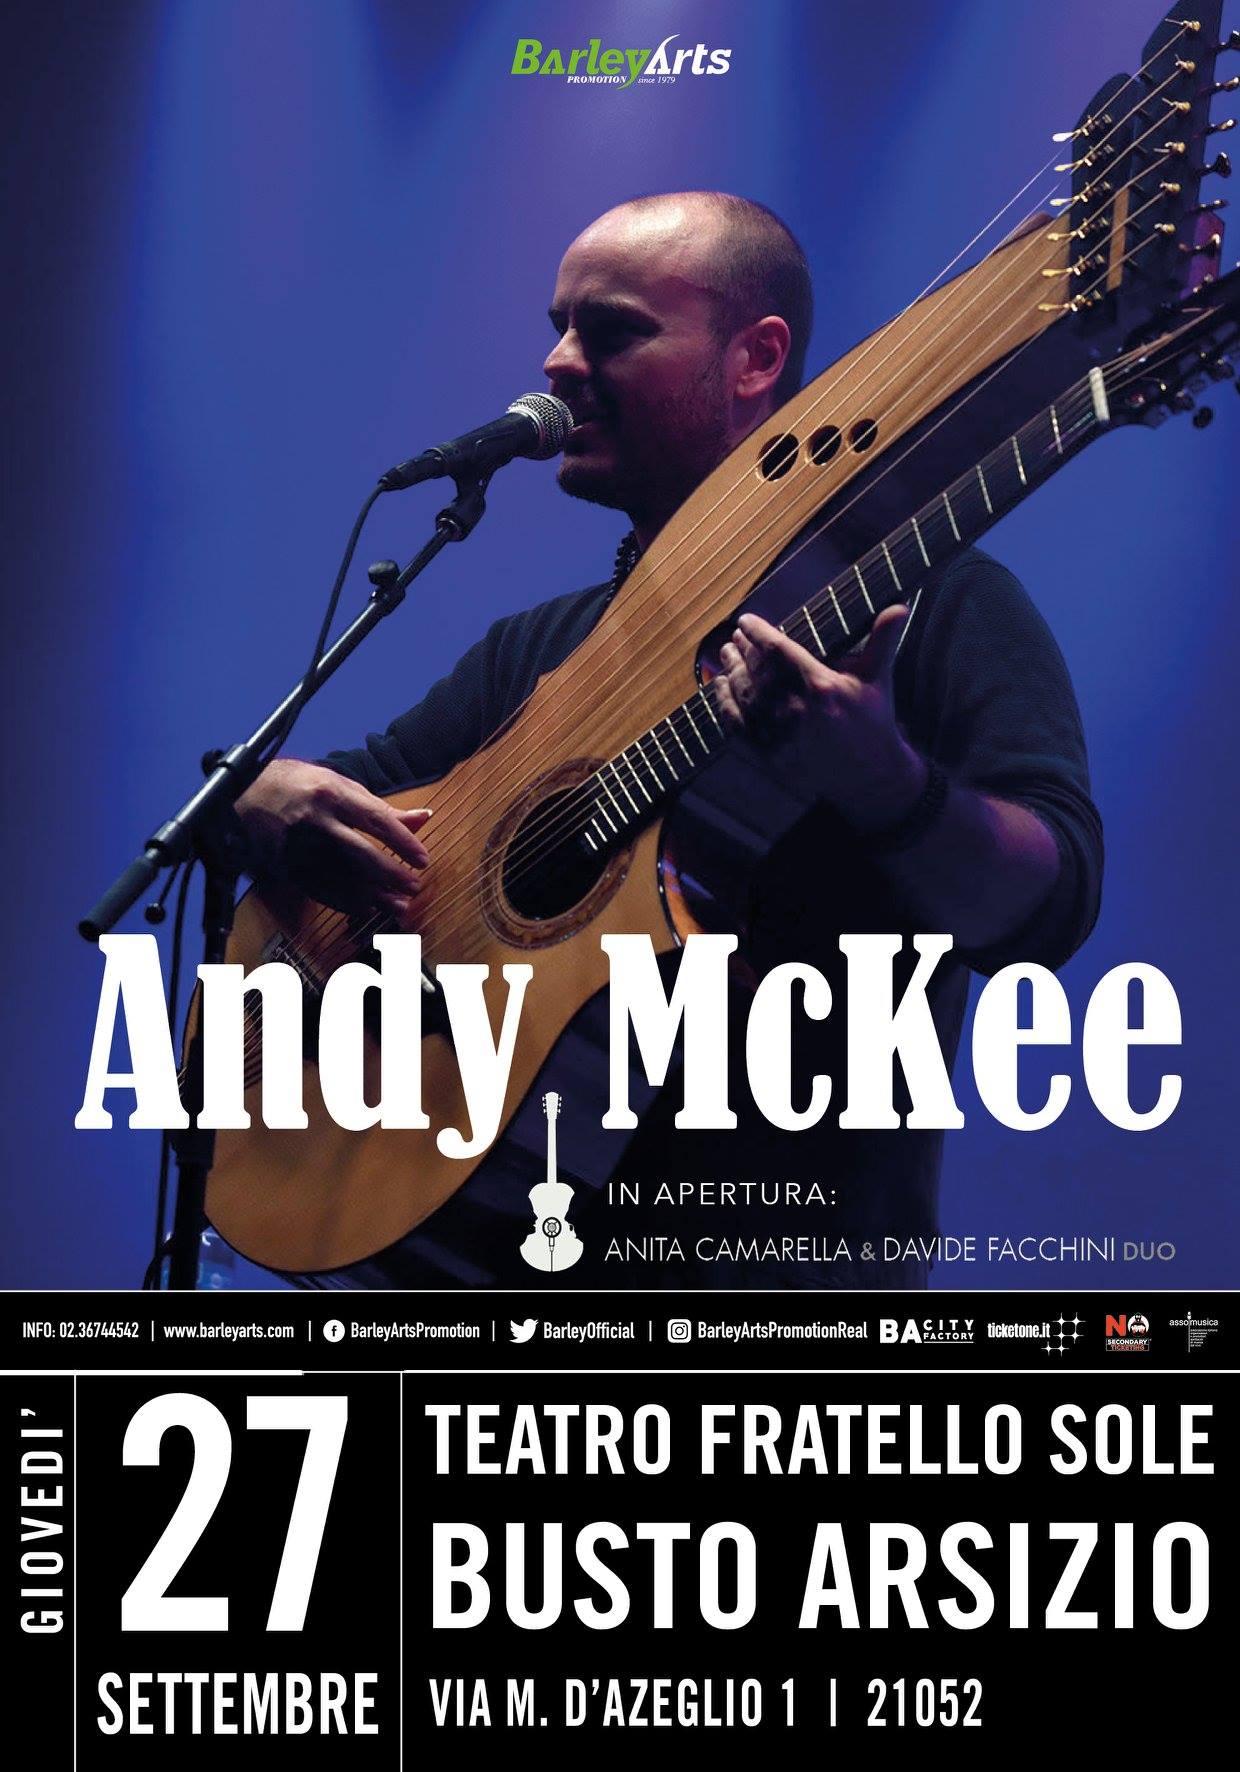 Andy Mckee, Anita Camarella Davide Facchini